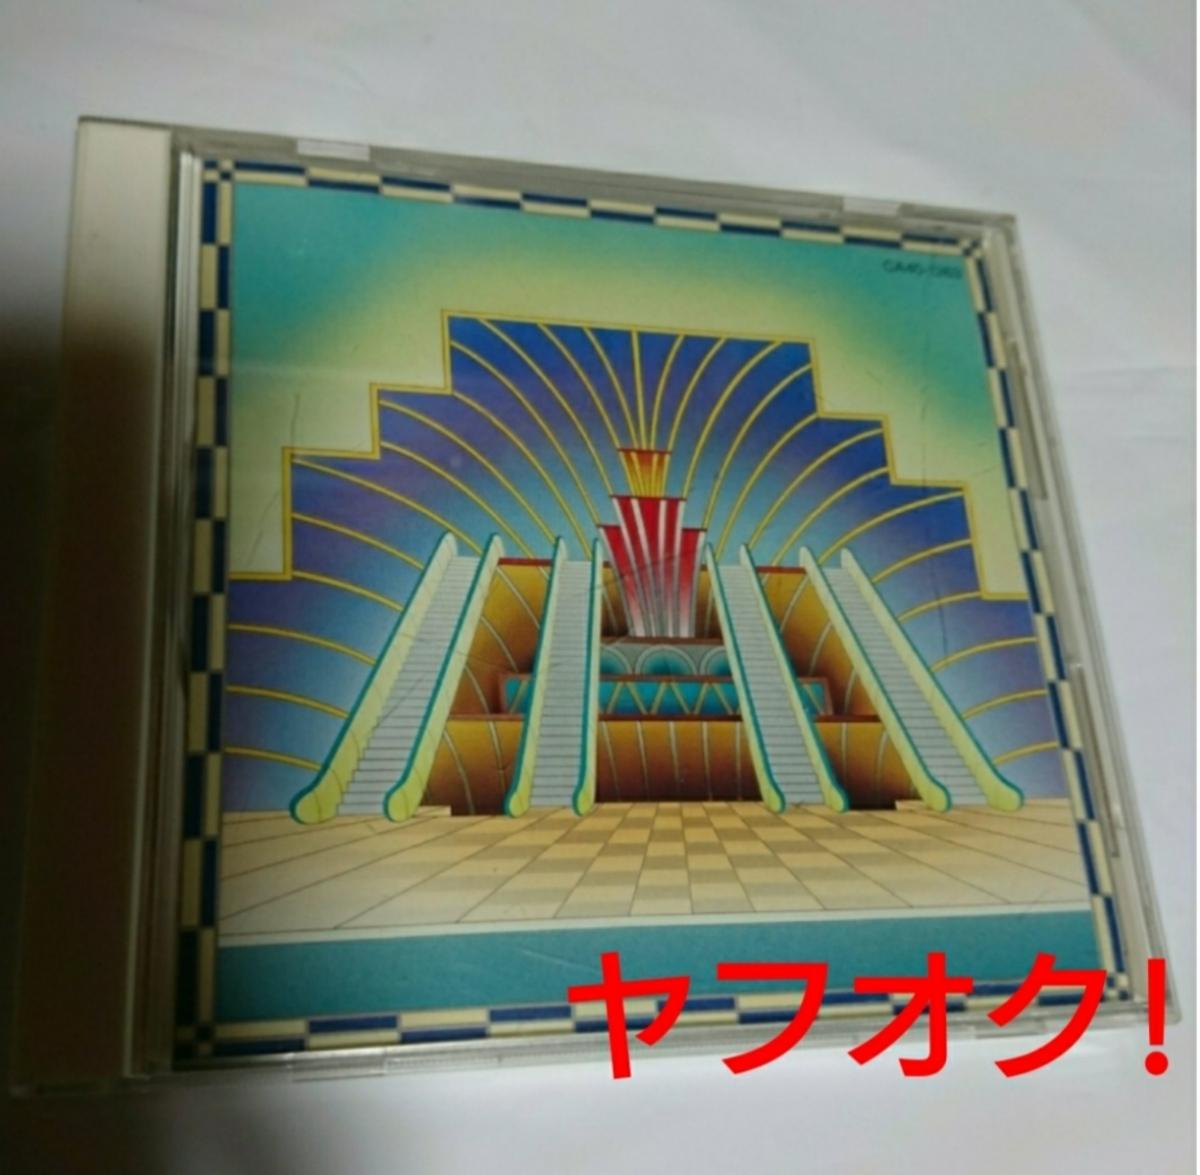 【希少 廃盤 美品】松任谷由実 ユーミン CD DA DI DA ダディダ YUMING VISUALIVE LIMITED EDITION 限定生産_画像1